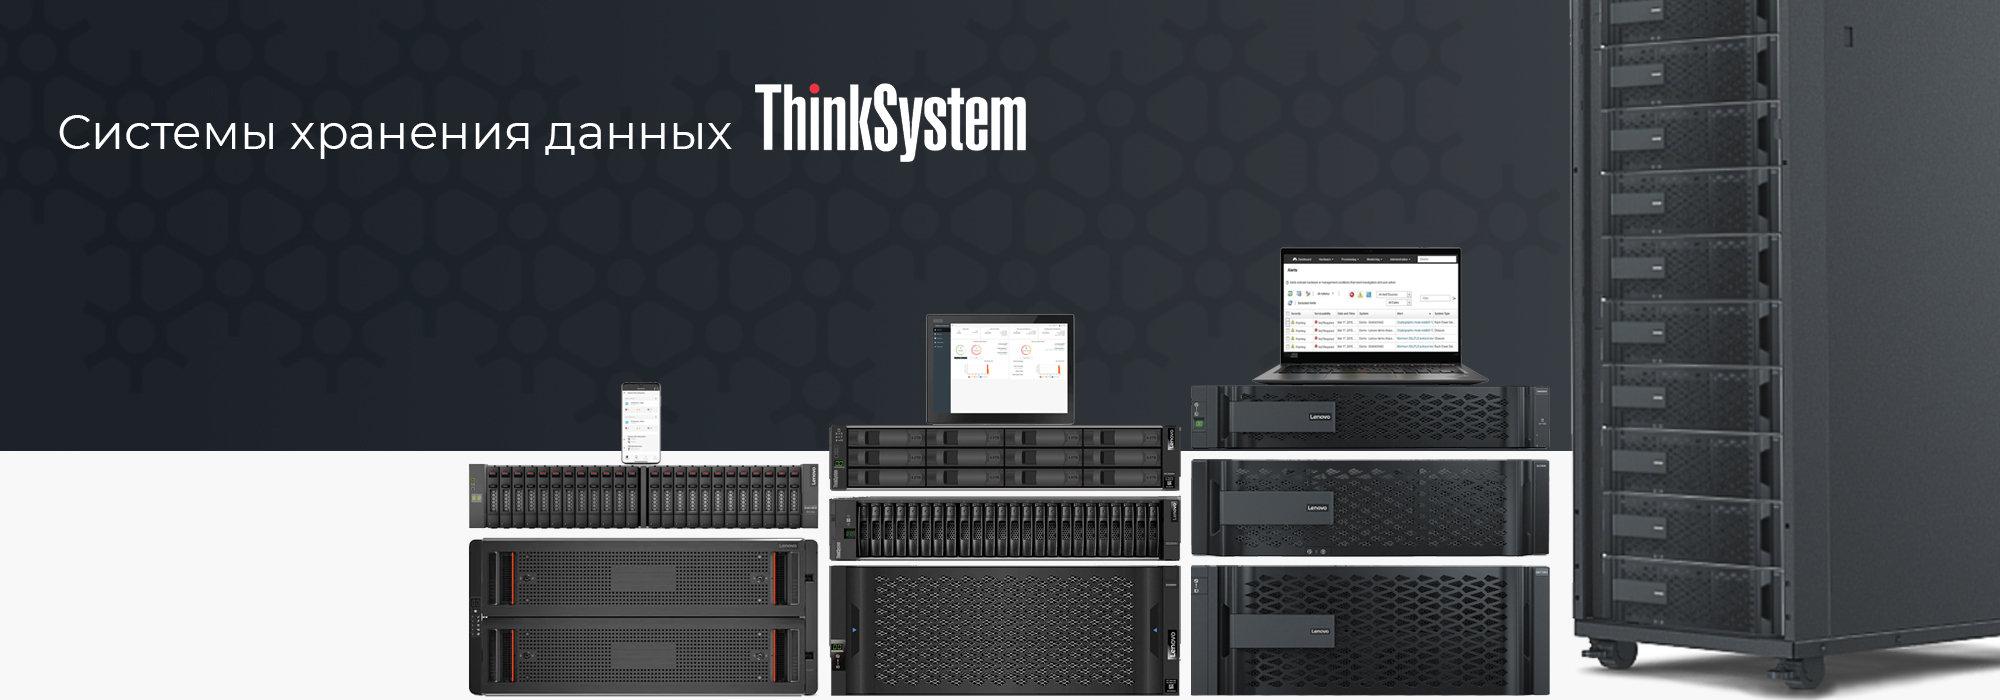 Системы-хранения-данных-ThinkSystem